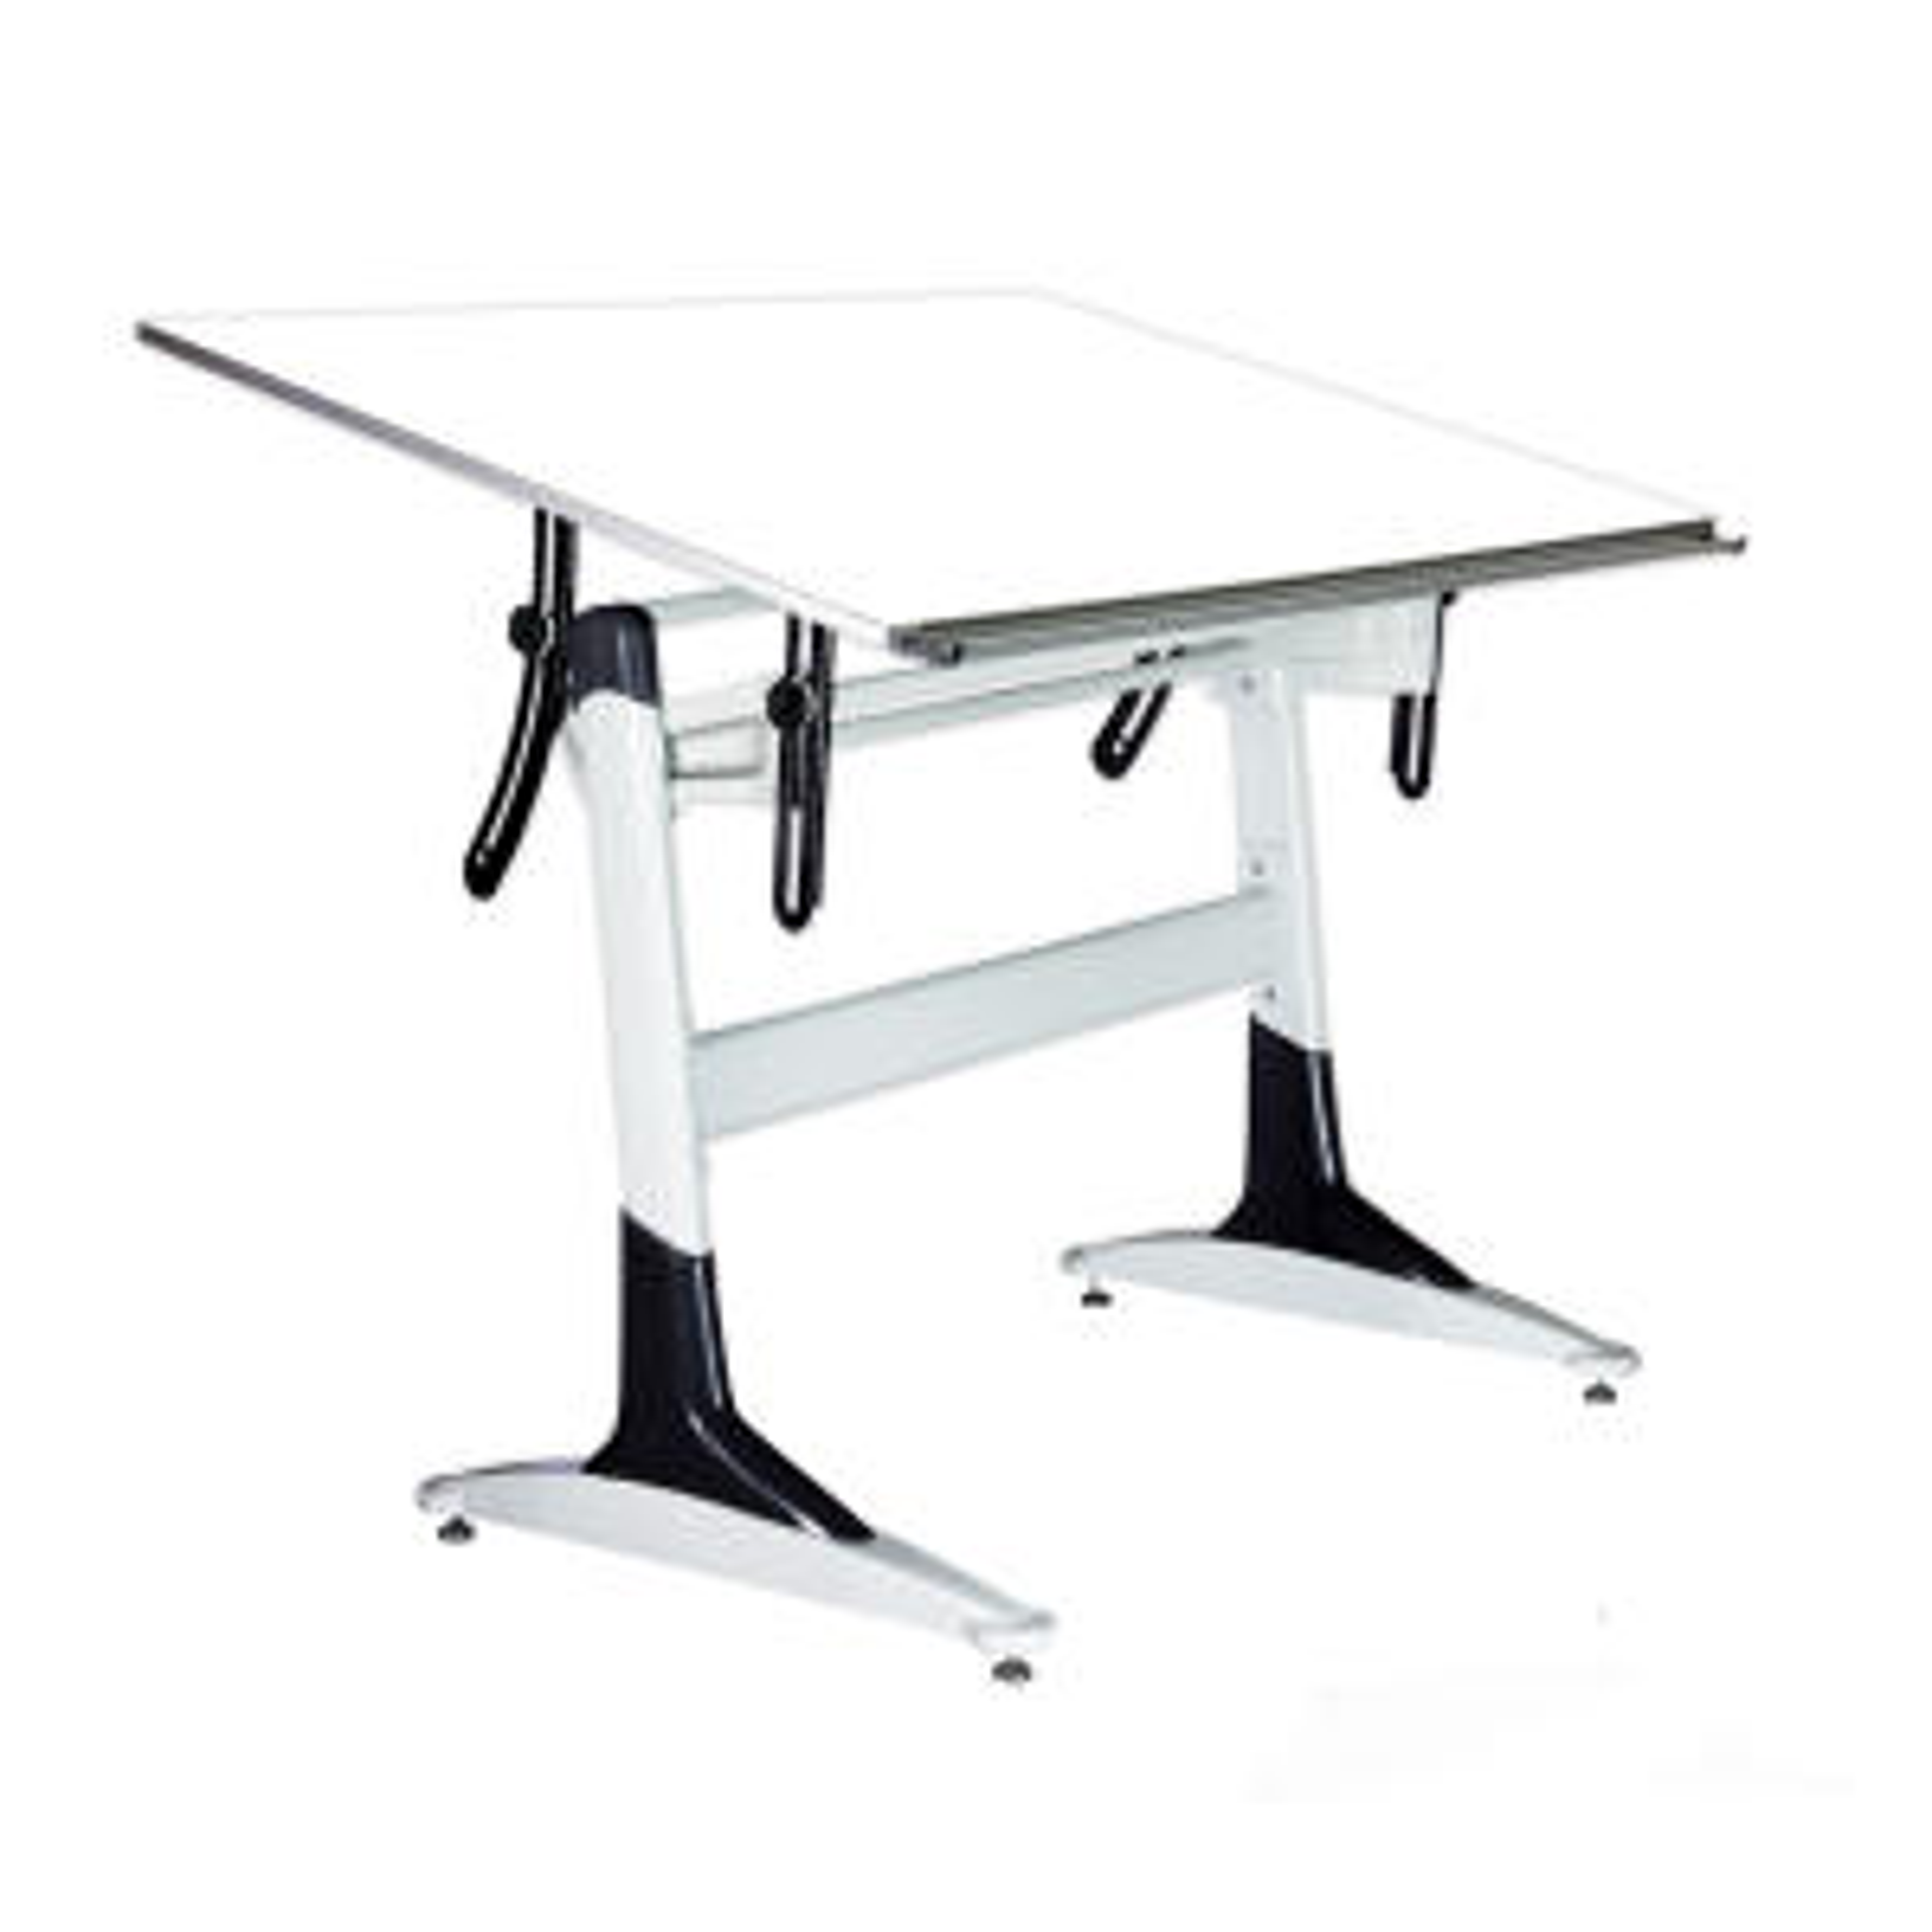 میز نقشه کشی مدل TGA-6090 سایز 90×60 سانتی متر